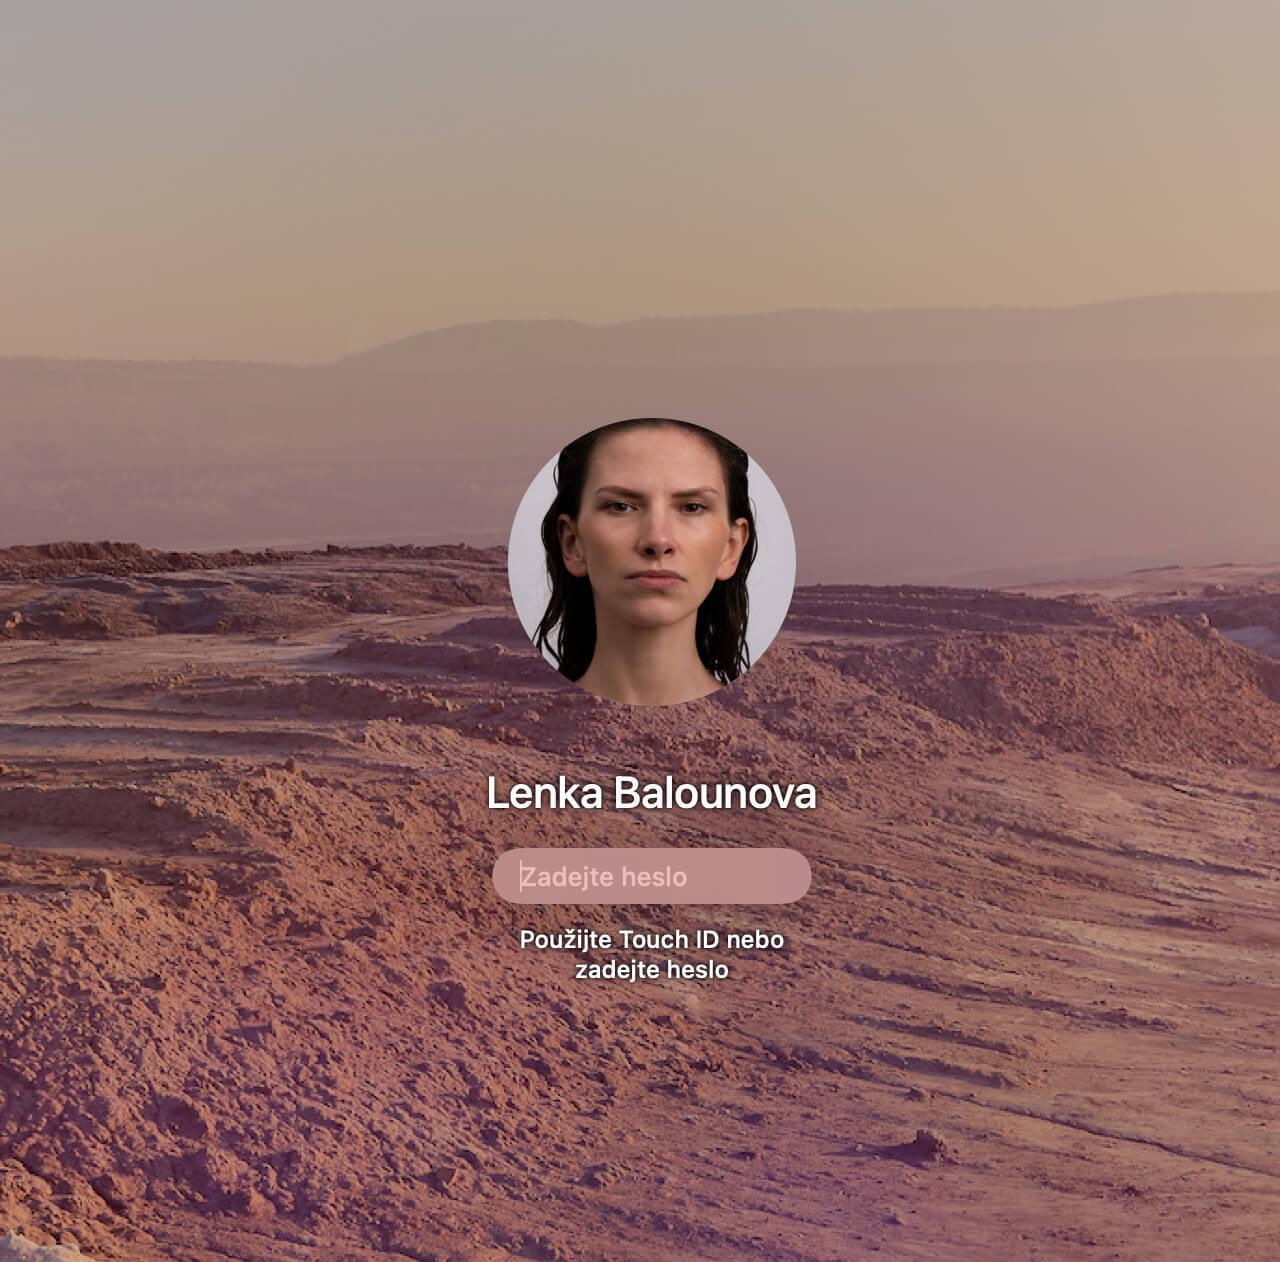 Ein Sperrbildschirm mit Wüstenhintergrund. Als Profilbild zu sehen: das verzerrte Gesicht von Lenka Balounová.